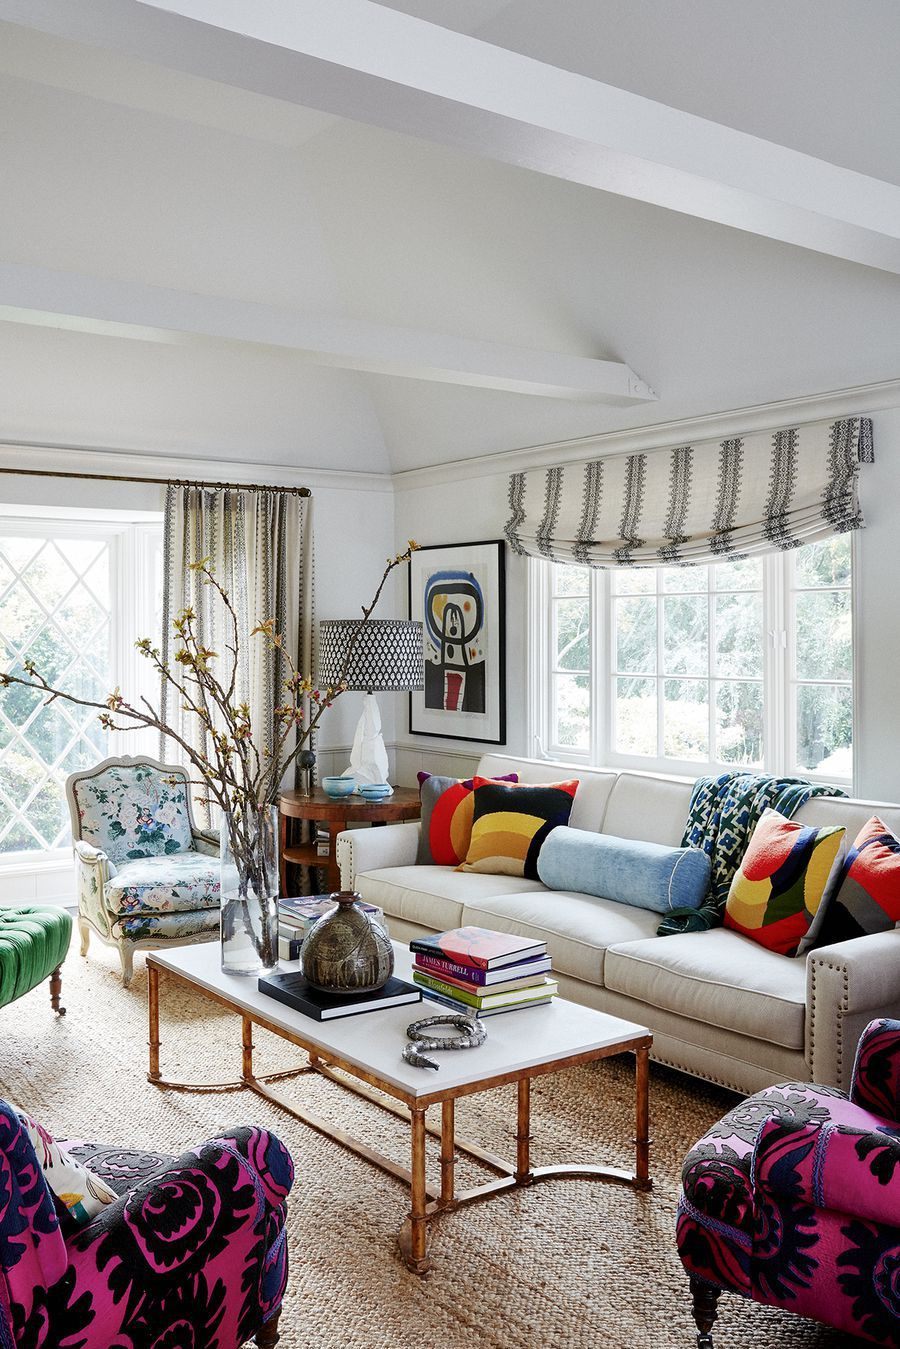 56 lovely living room design ideas best modern living room decor rh elledecor com living rooms ideas pinterest living room ideas 2018